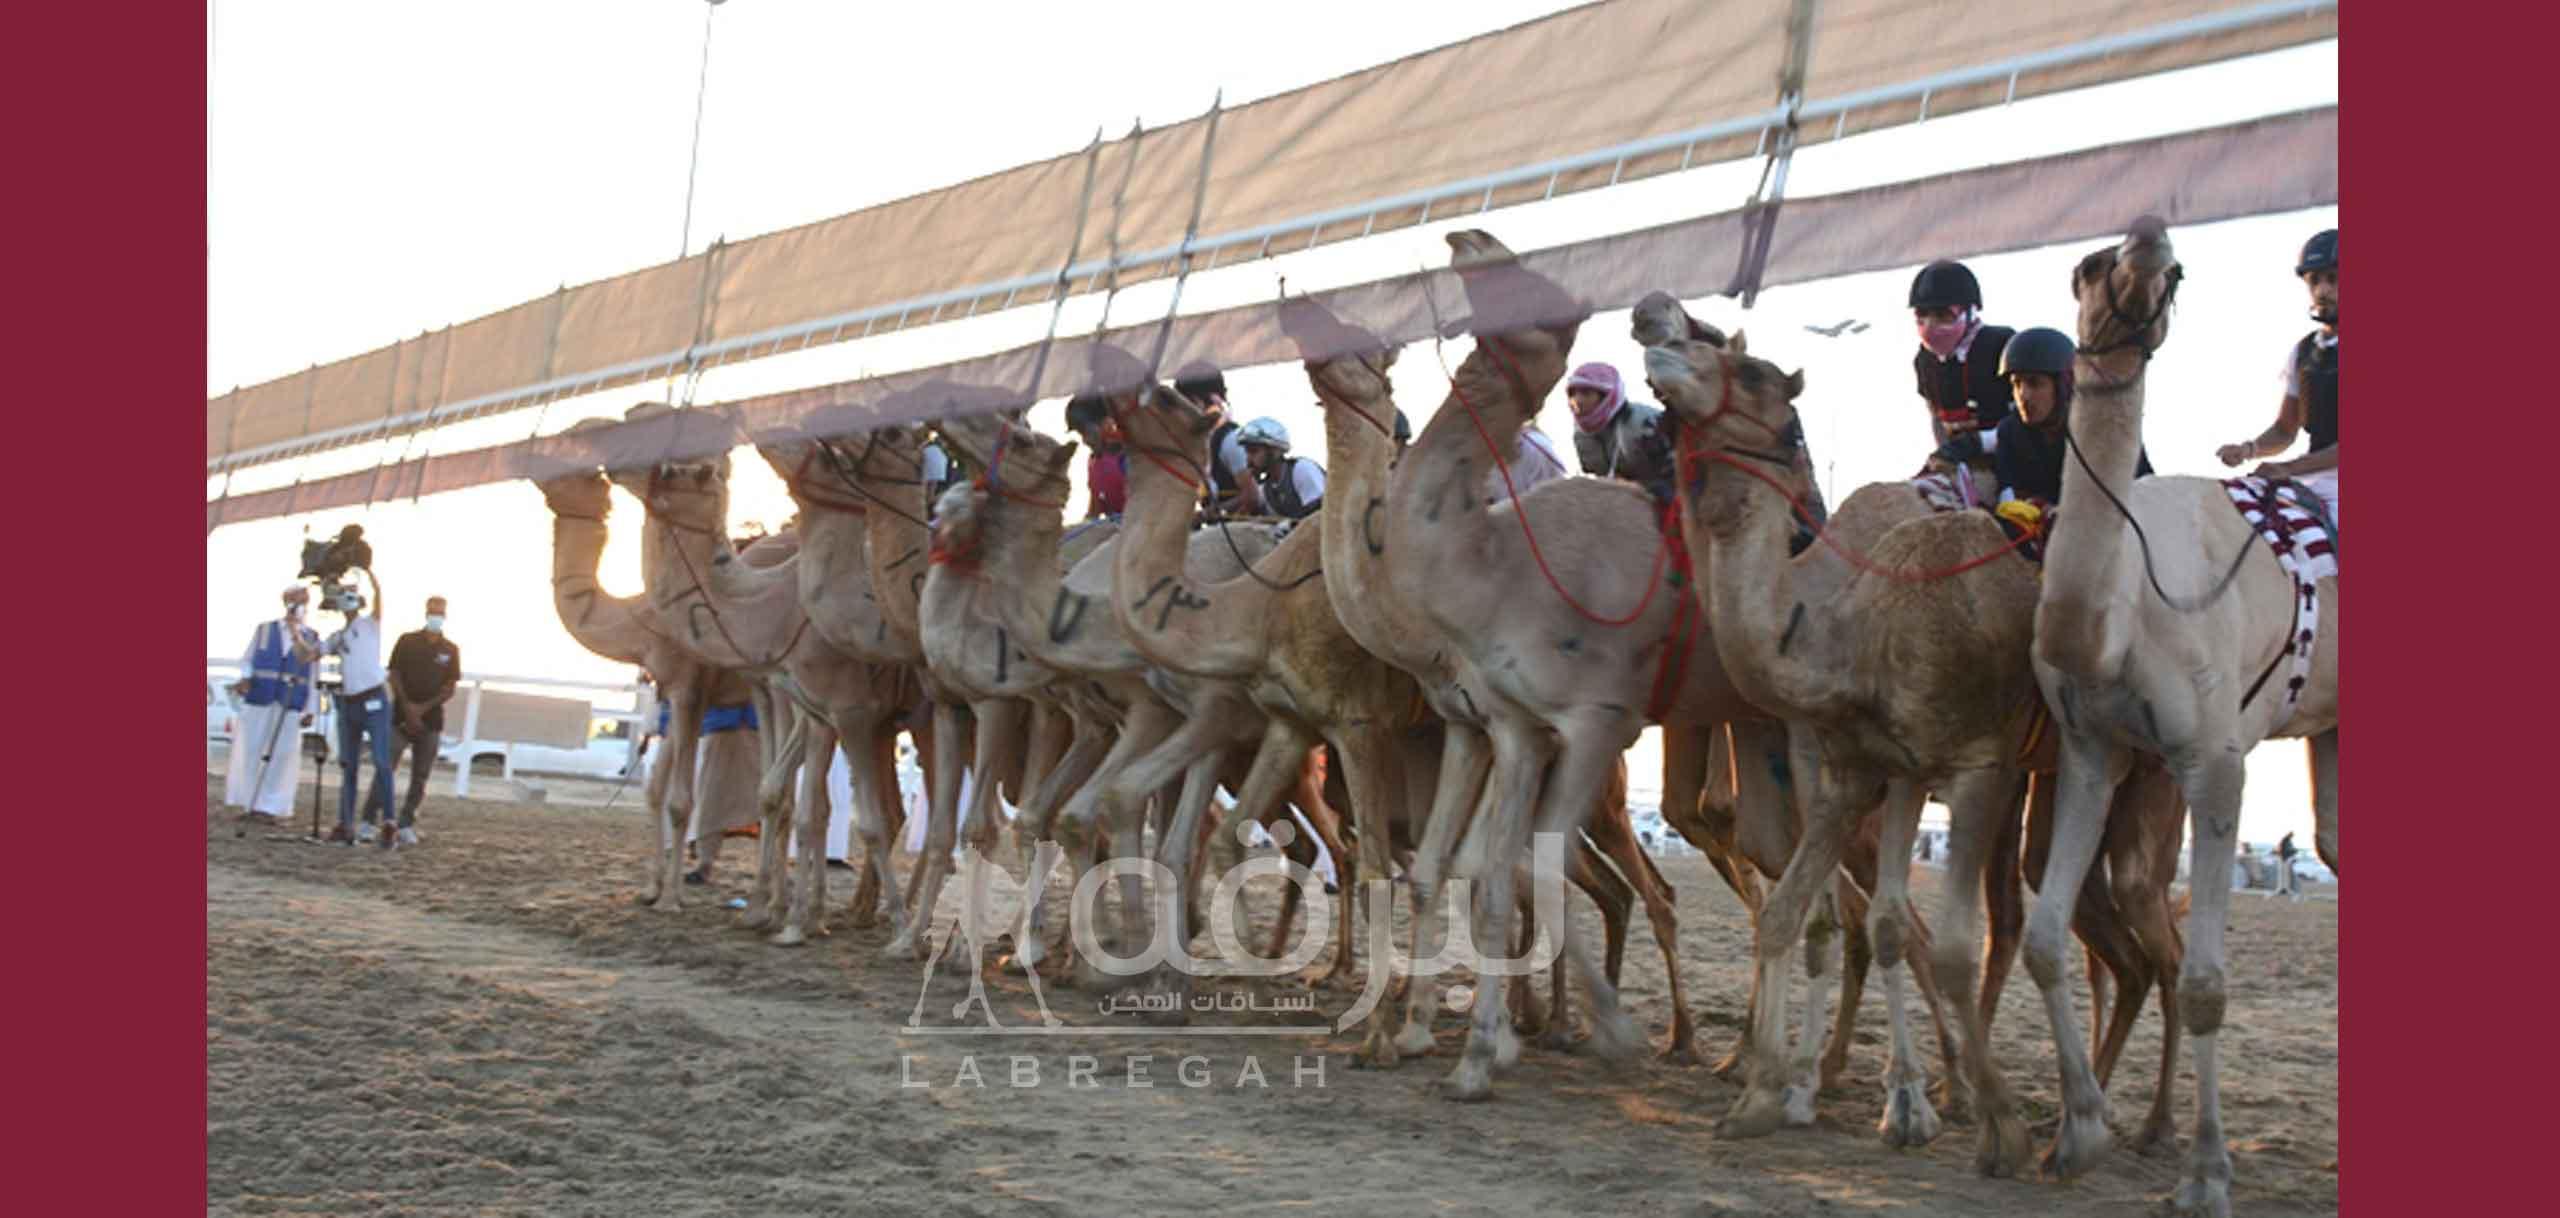 إضافة شوط رابع لمهرجان الهجن التراثي خاص بالإتحاد العربي لسباقات الهجن